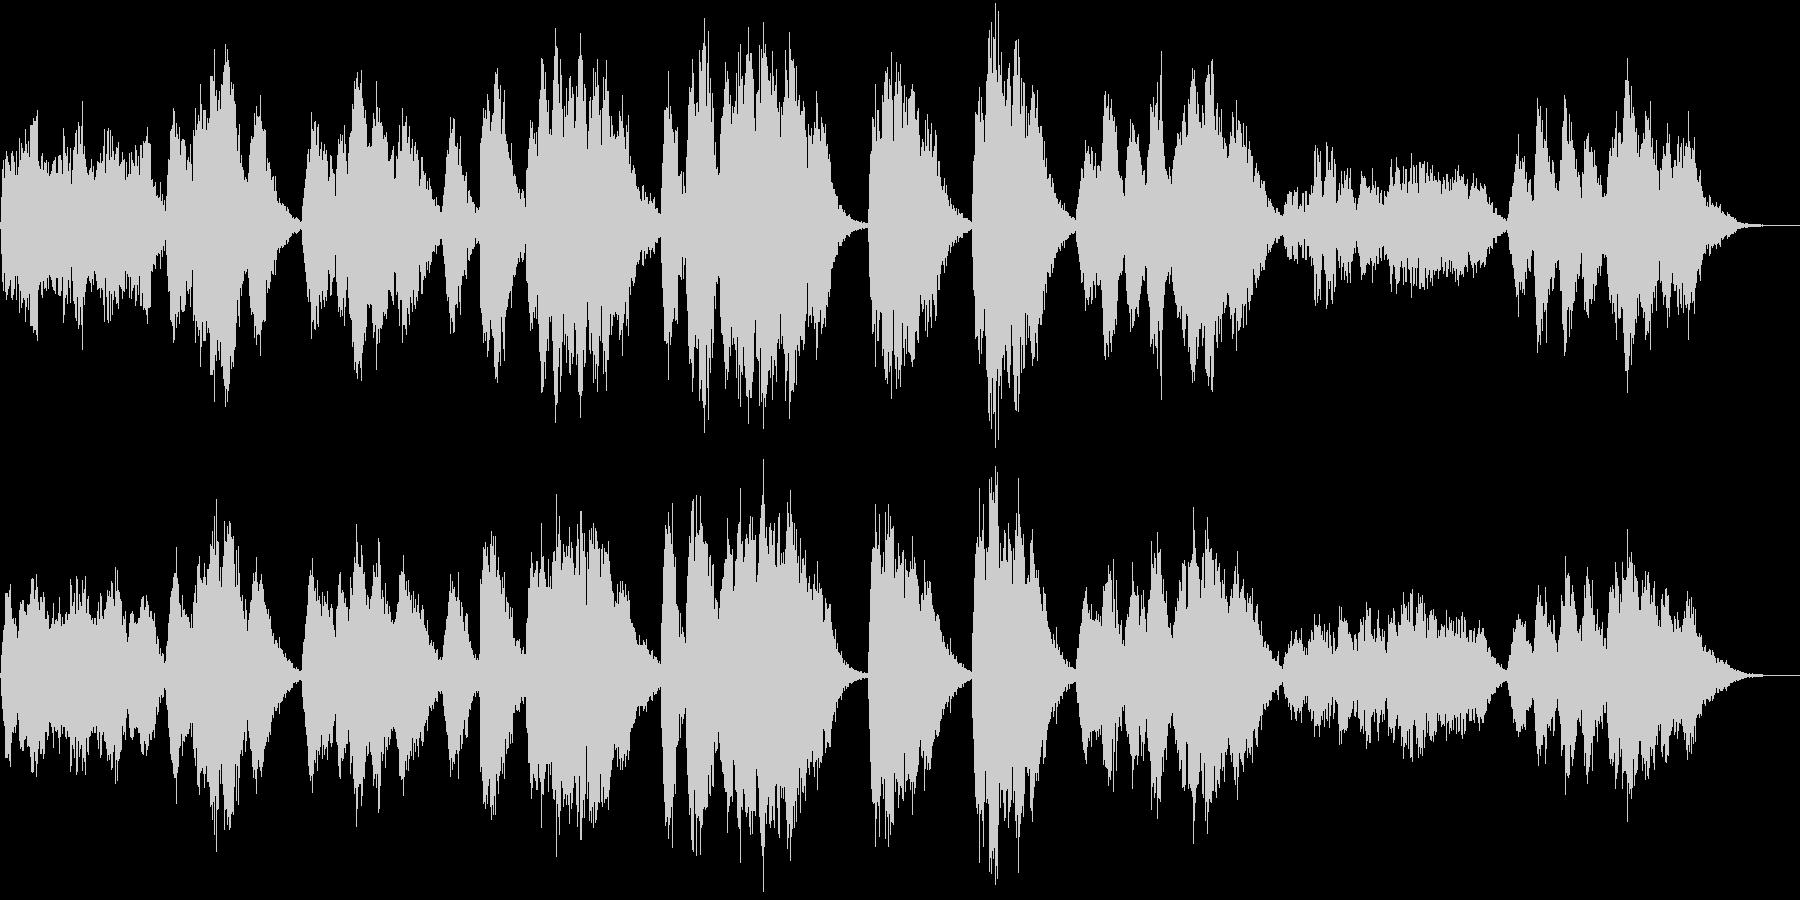 怪しい歌声/ハロウィンBGM/怖い肖像画の未再生の波形